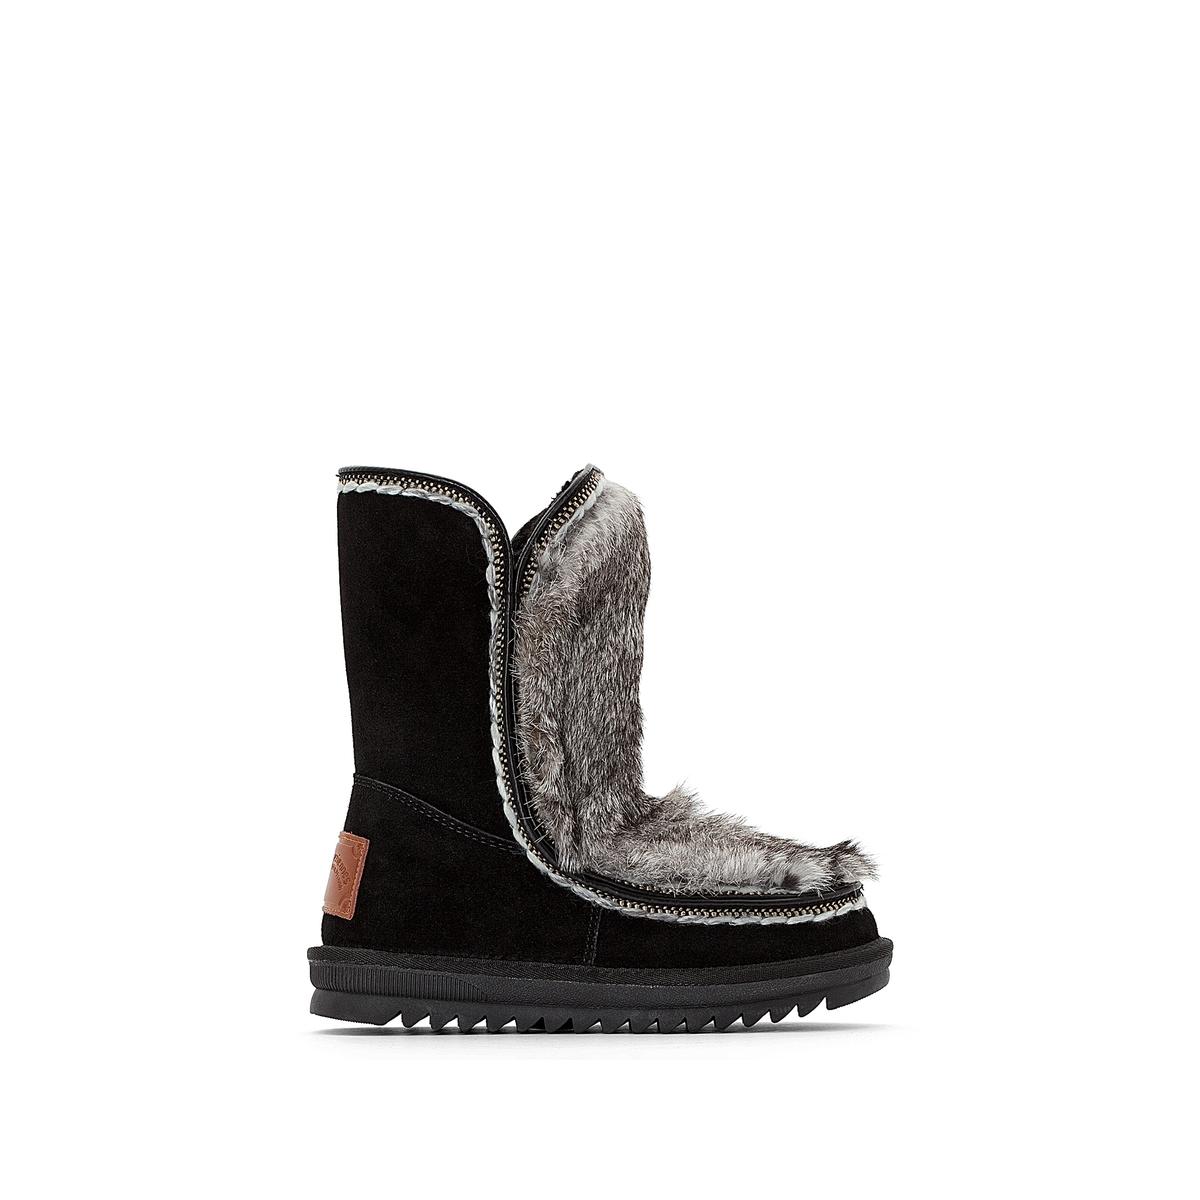 Сапоги кожаные с мехом Joana цены онлайн